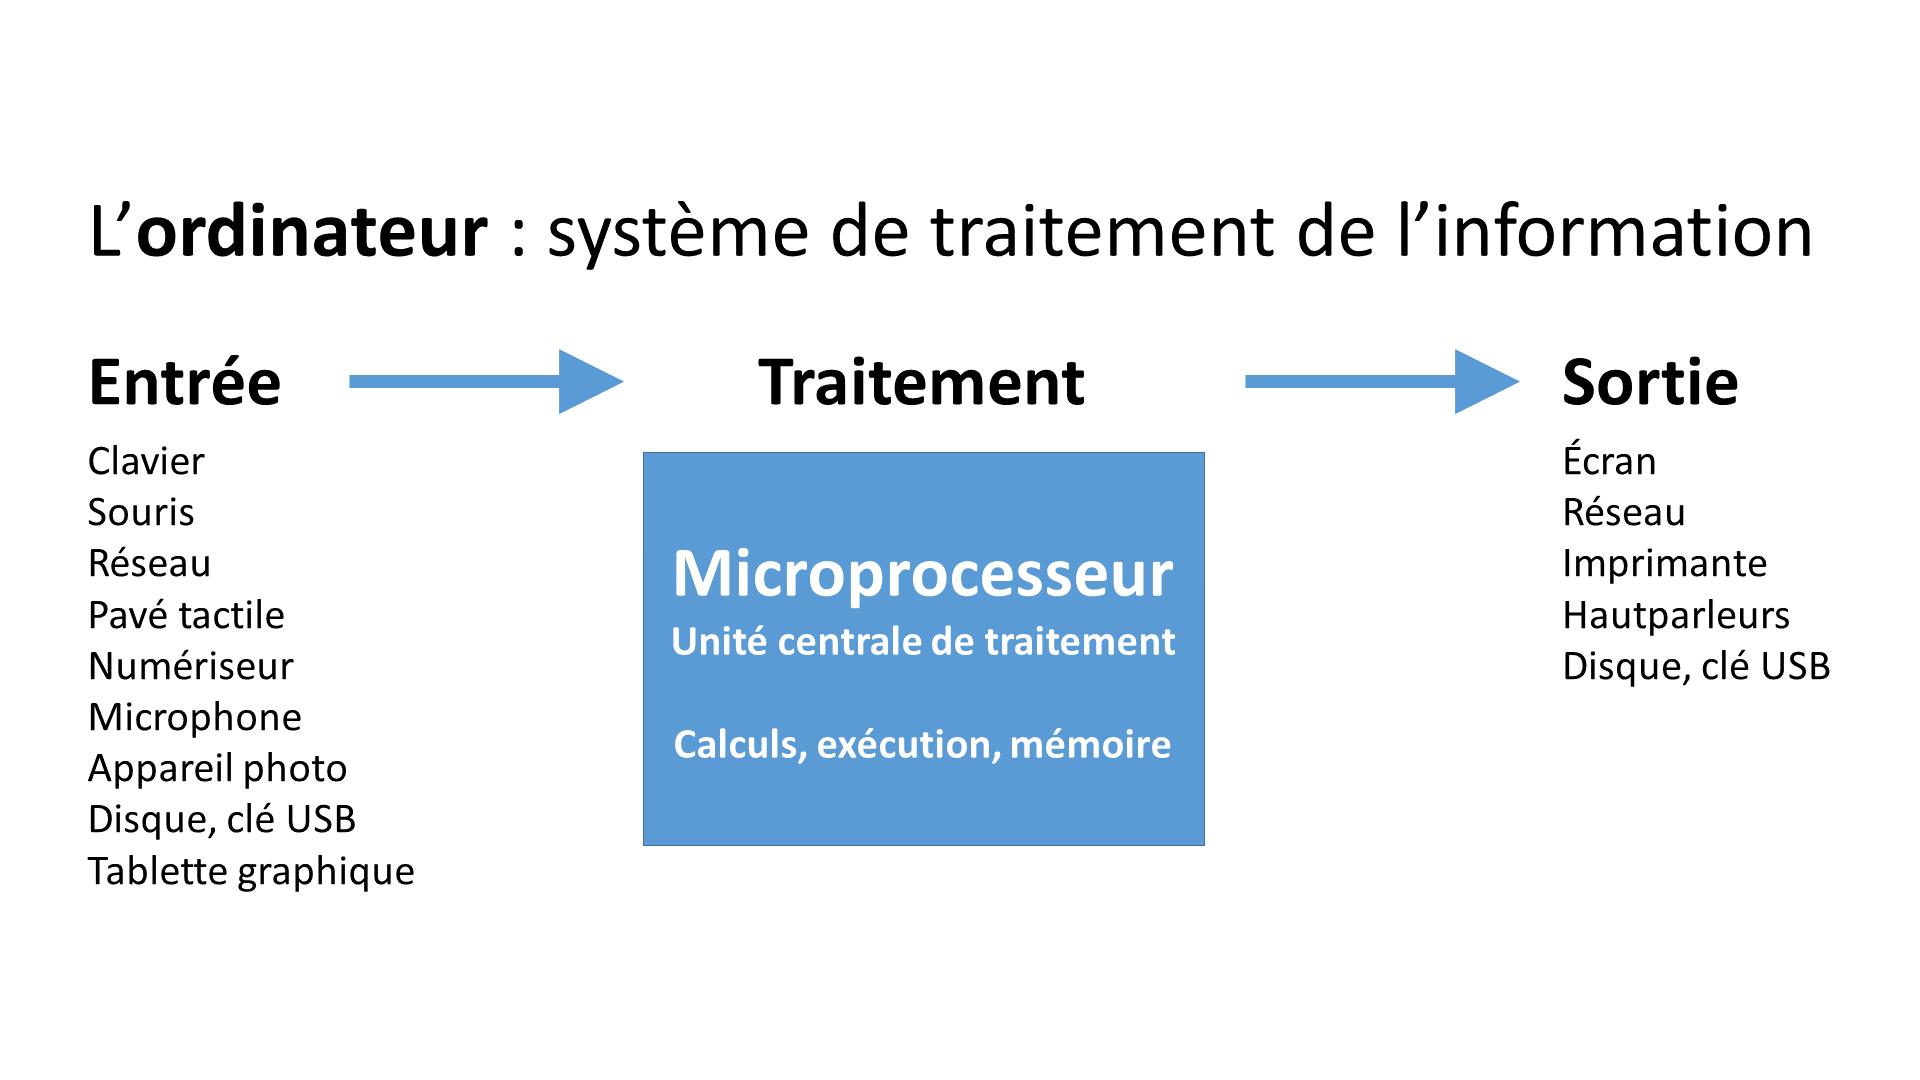 L'ordinateur : système de traitement de l'information